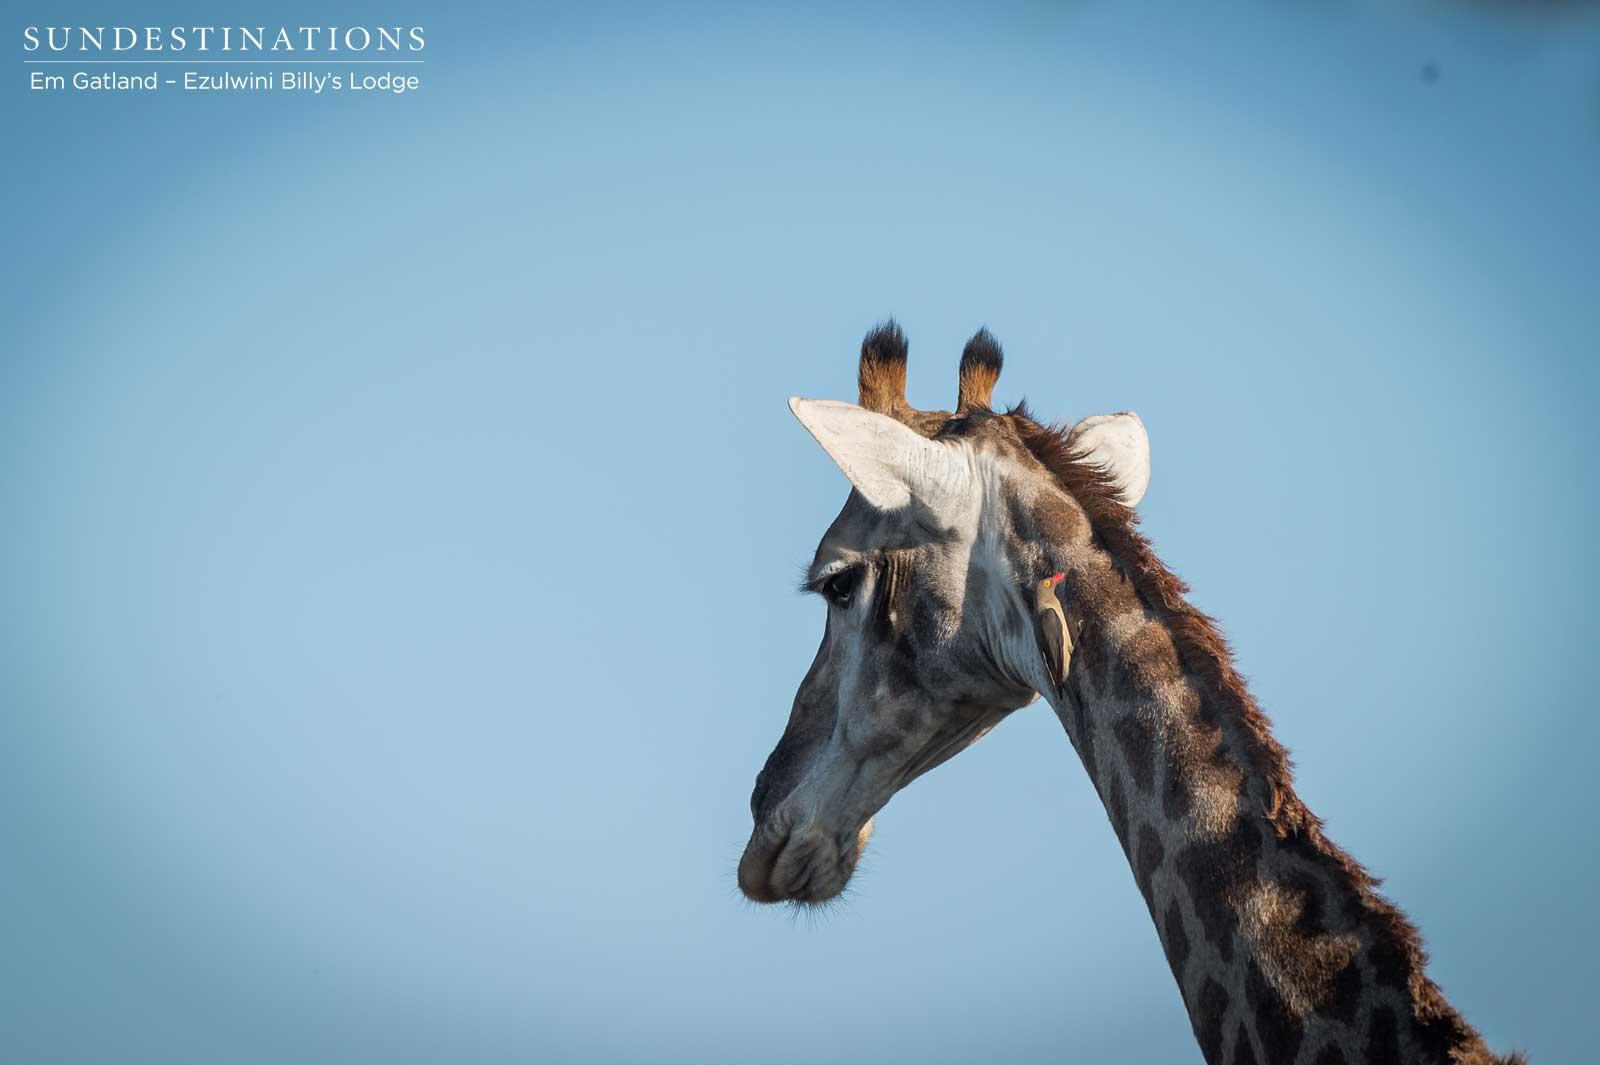 Giraffe in Balule Nature Reserve